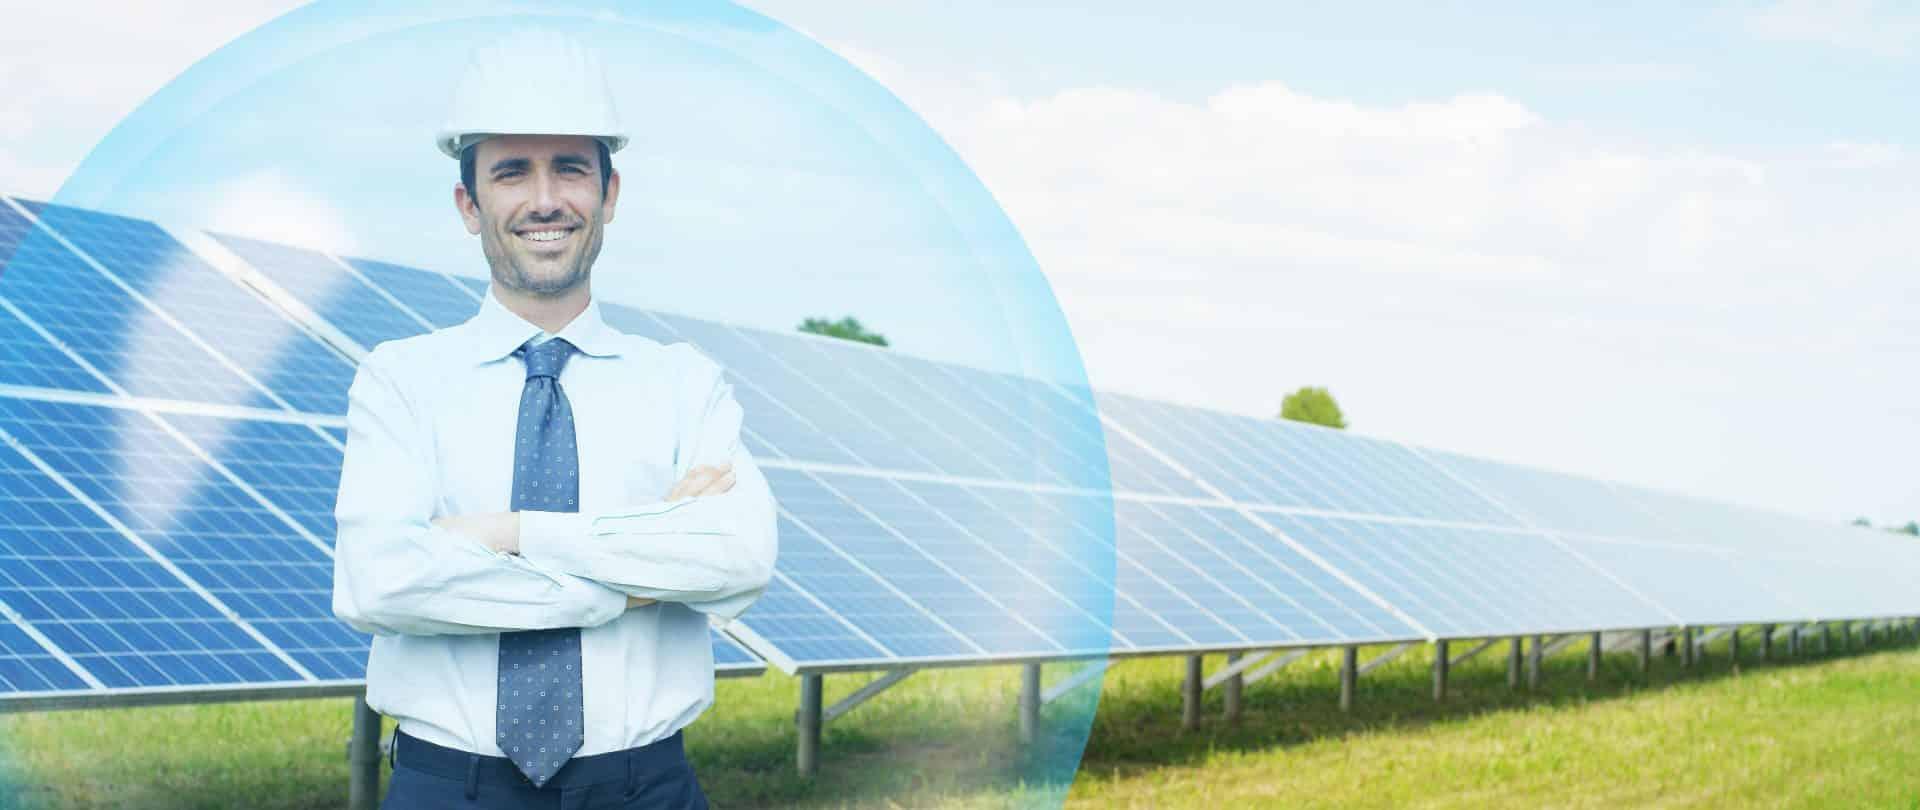 Photovoltaik-Allgefahrenversicherung